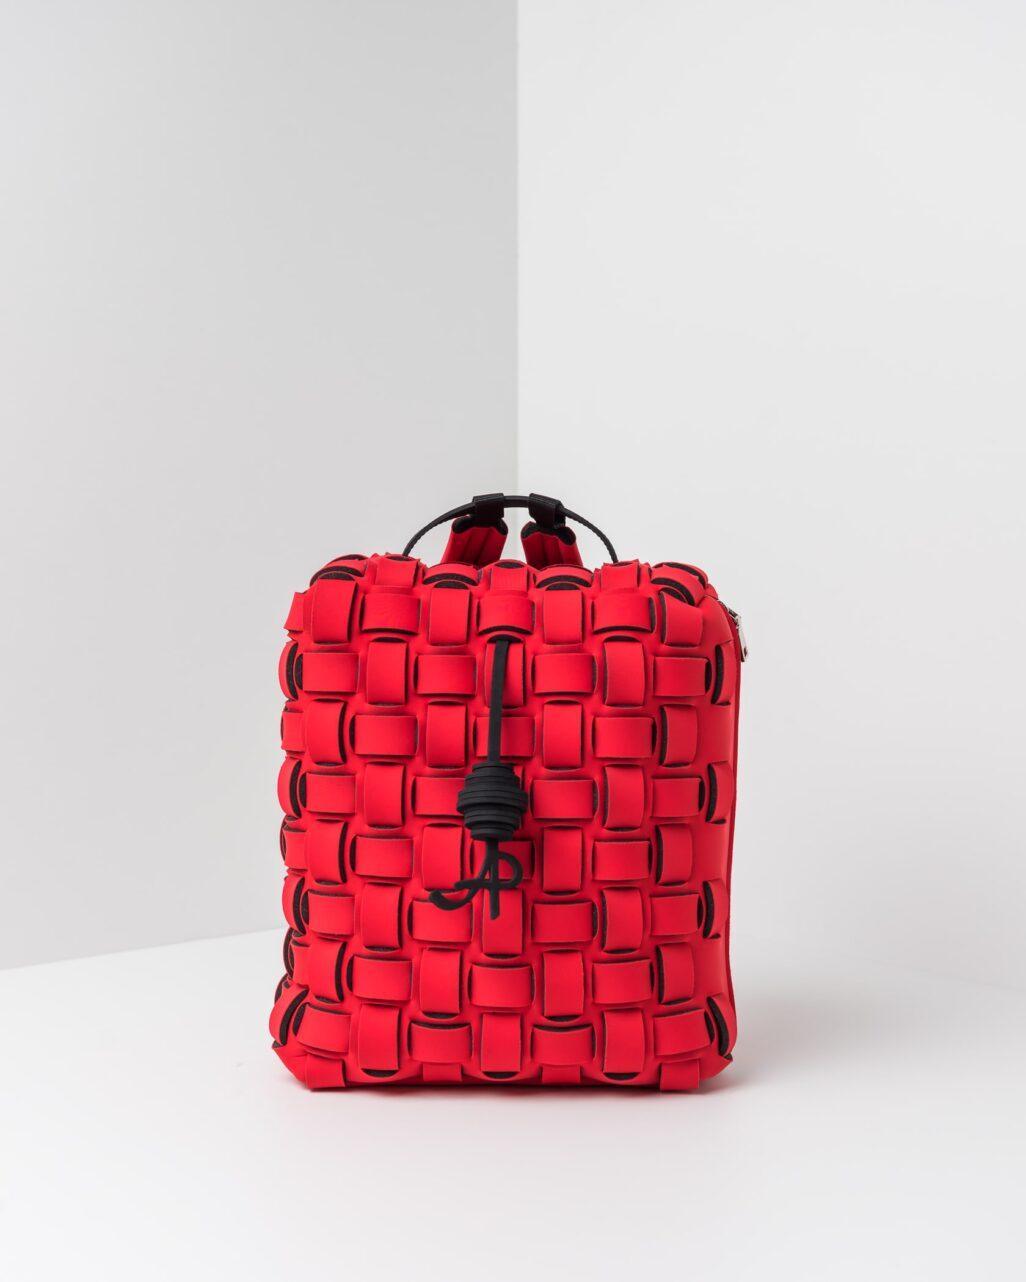 La foto ritrae uno zaino con lavorazione a trama intrecciata della linea Madison di APbag. Si tratta di una borsa lavabile effetto neoprene disegnata da Stefano Galandrini, prodotta e distribuita da Artpelle.it Lo zaino è di colore rosso.